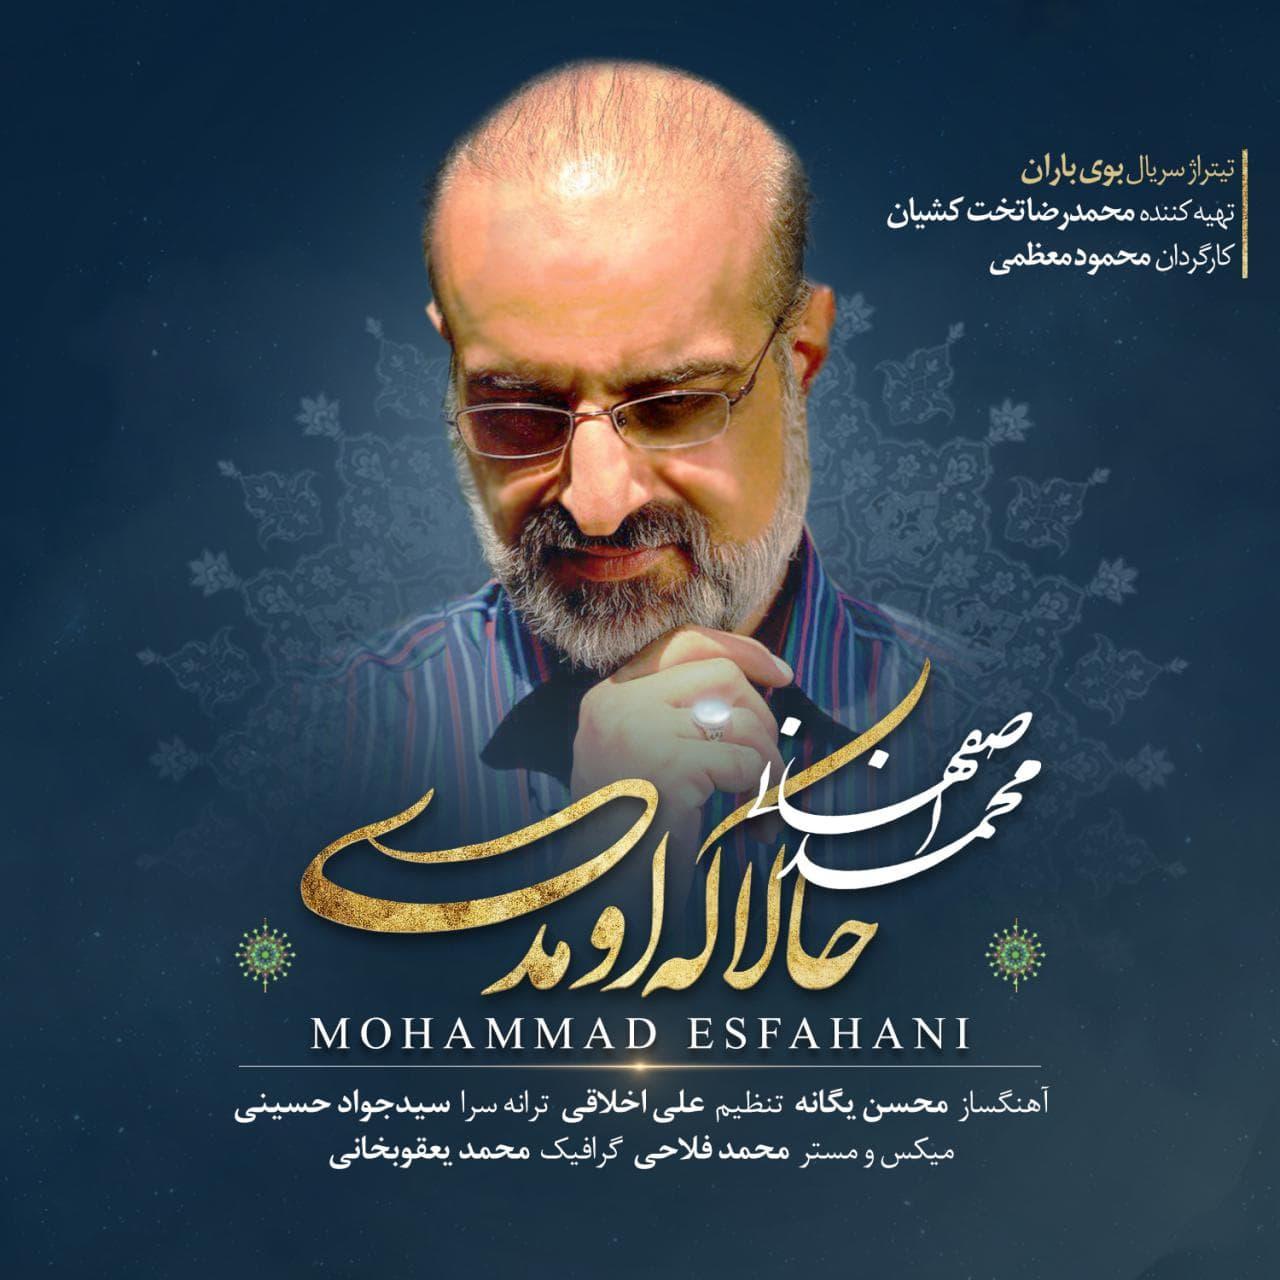 دانلود آهنگ جدید محمد اصفهانی حالا که اومدی